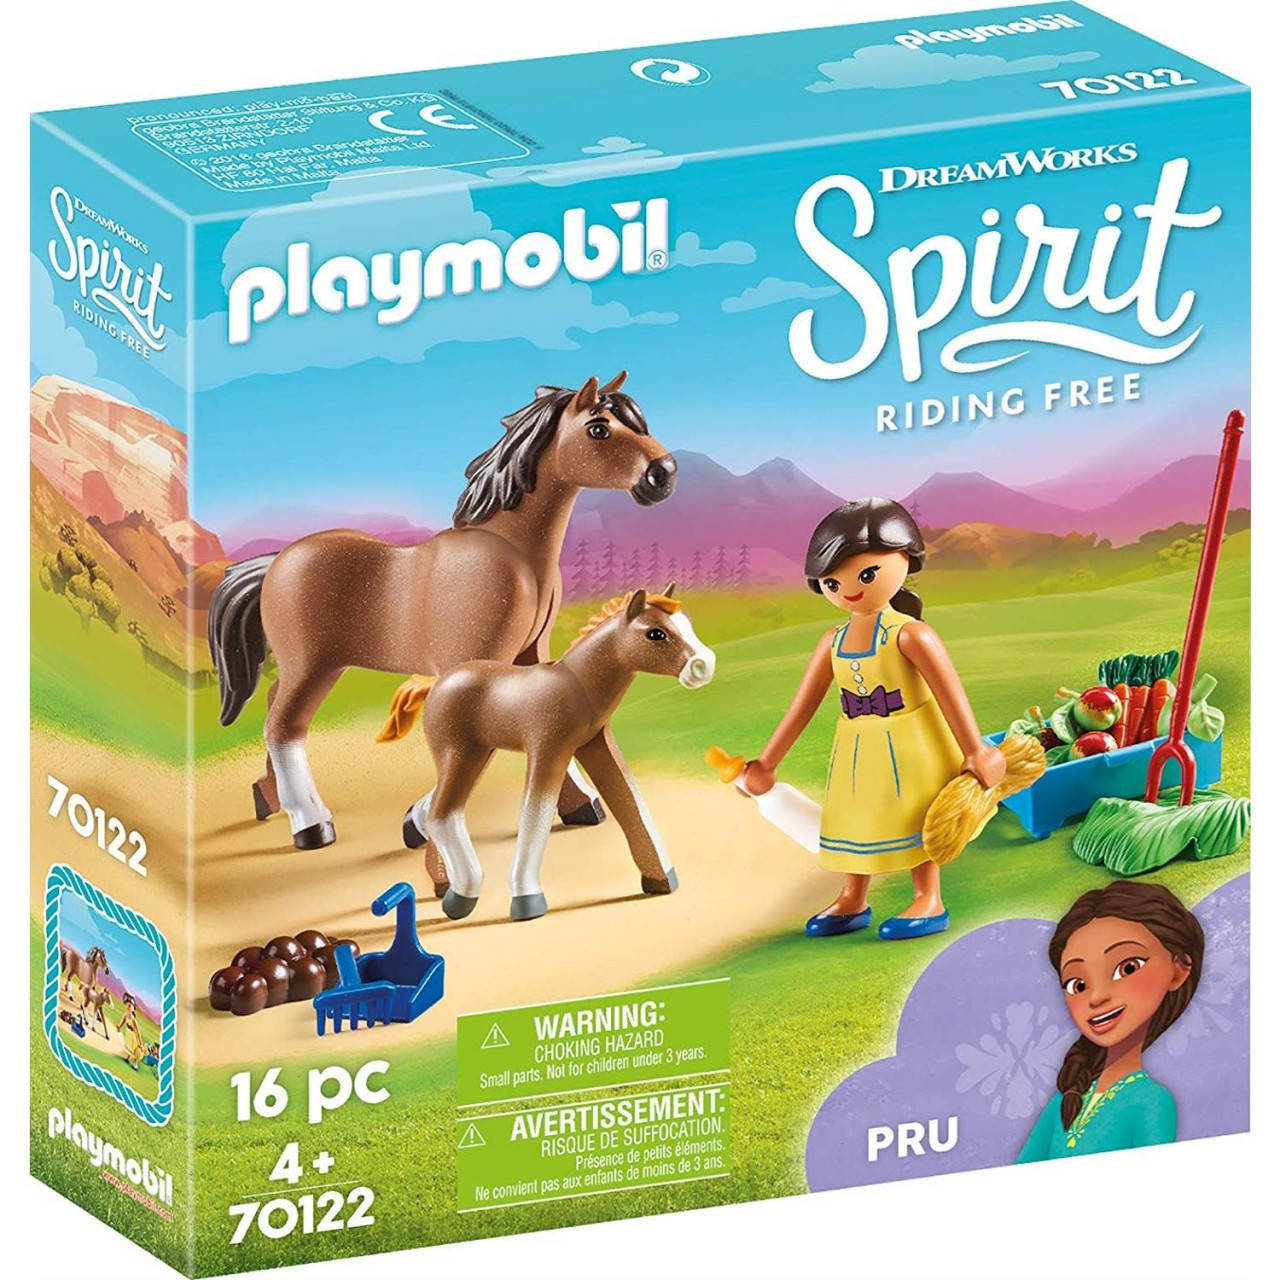 Playmobil 70122 Pru mit Pferd und Fohlen